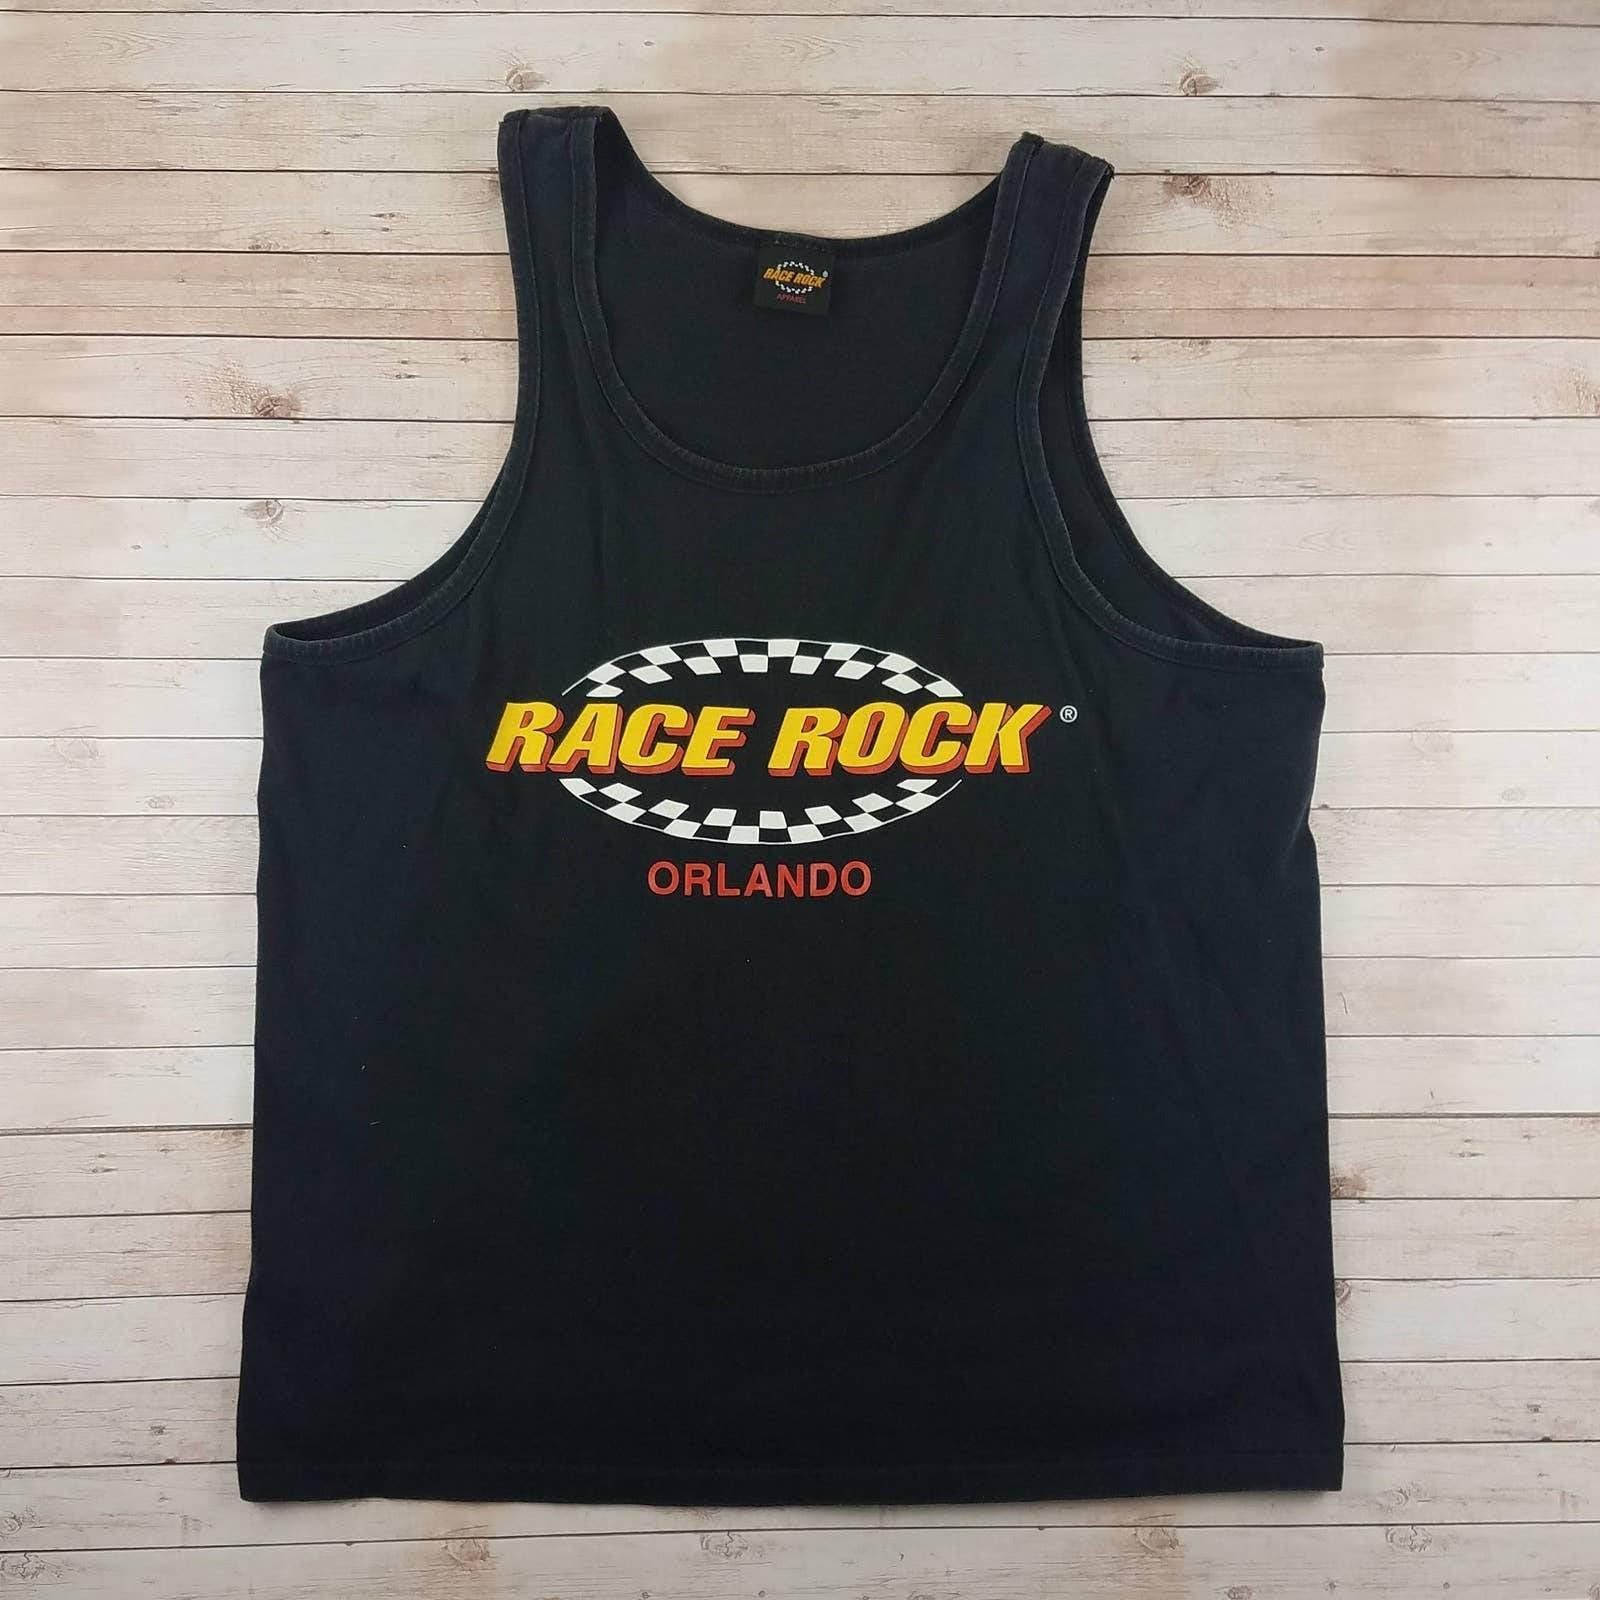 VTG 90s Race Rock Single Stitch Tank Top